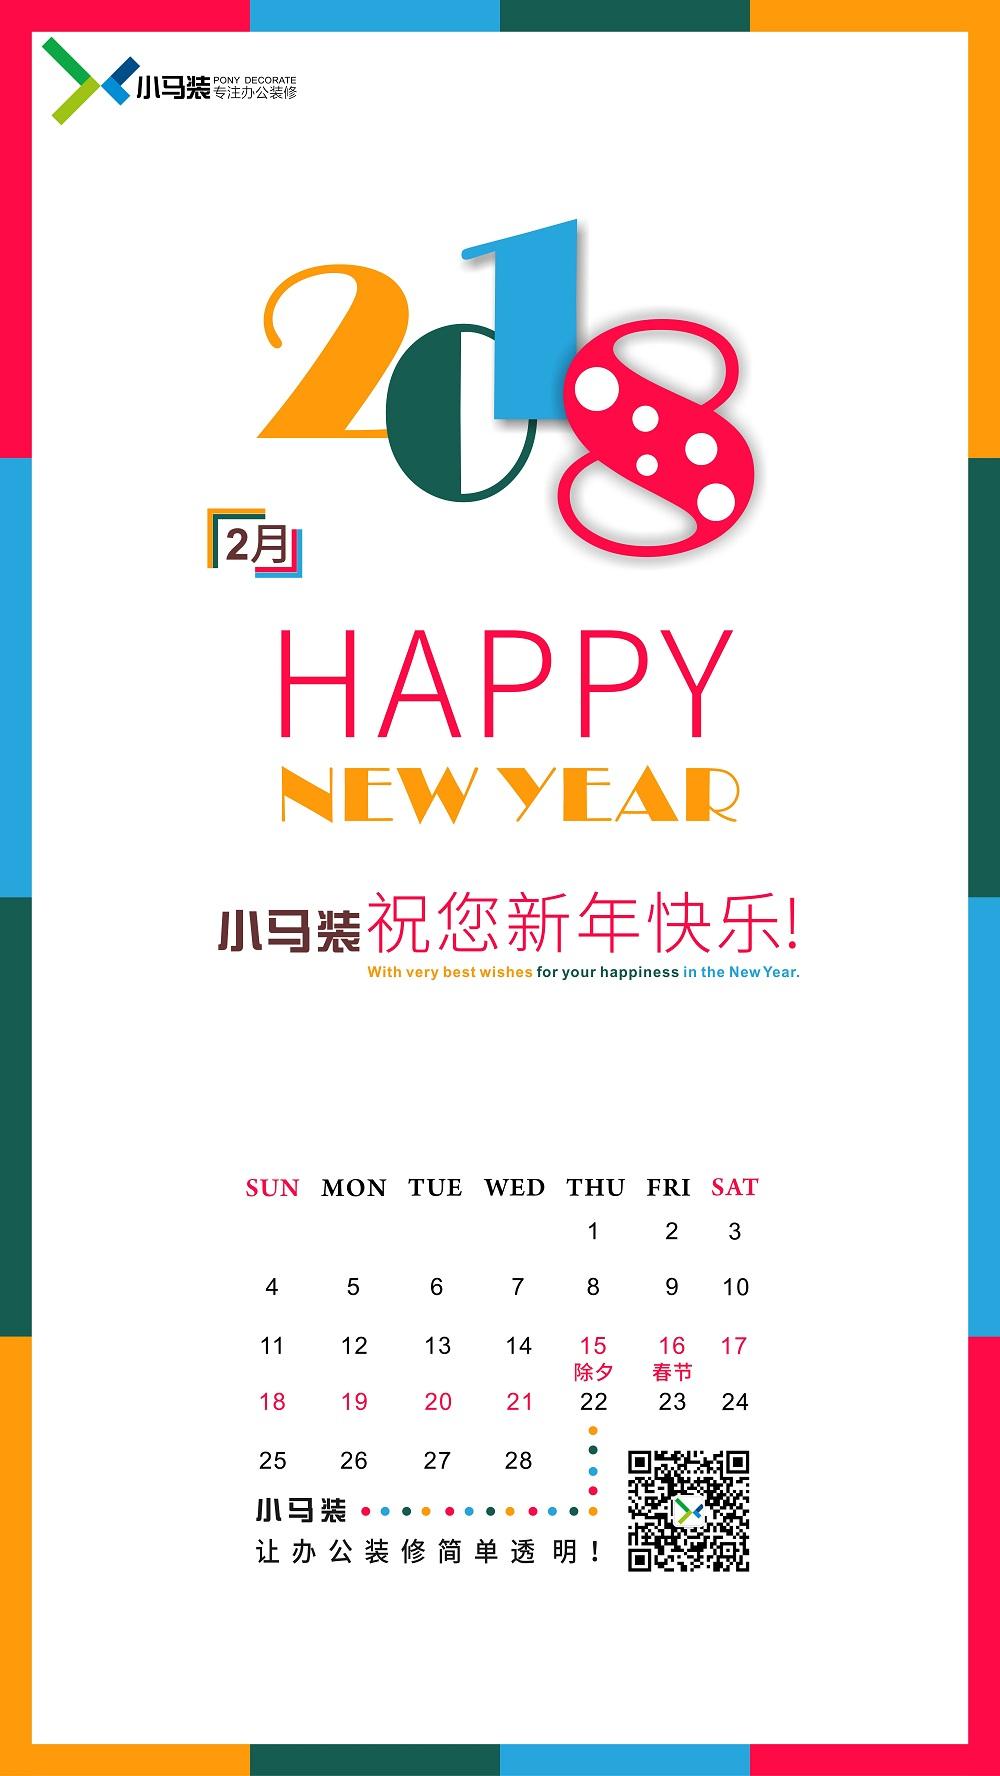 上海小马装关于2018年农历春节放假安排的通知